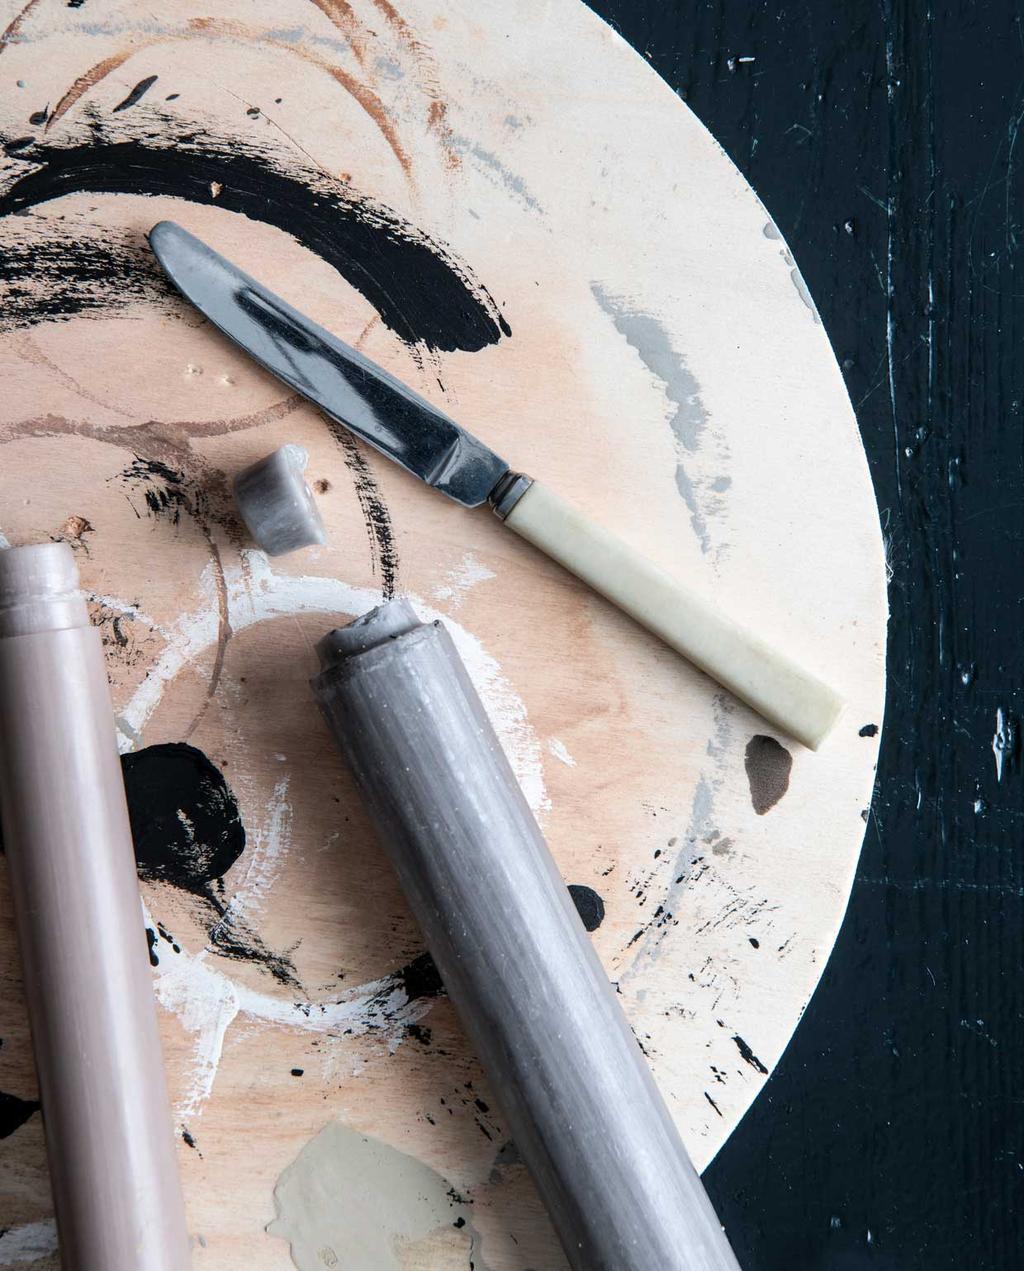 vtwonen 12 - DIY M kandelaar kaarsen snijden